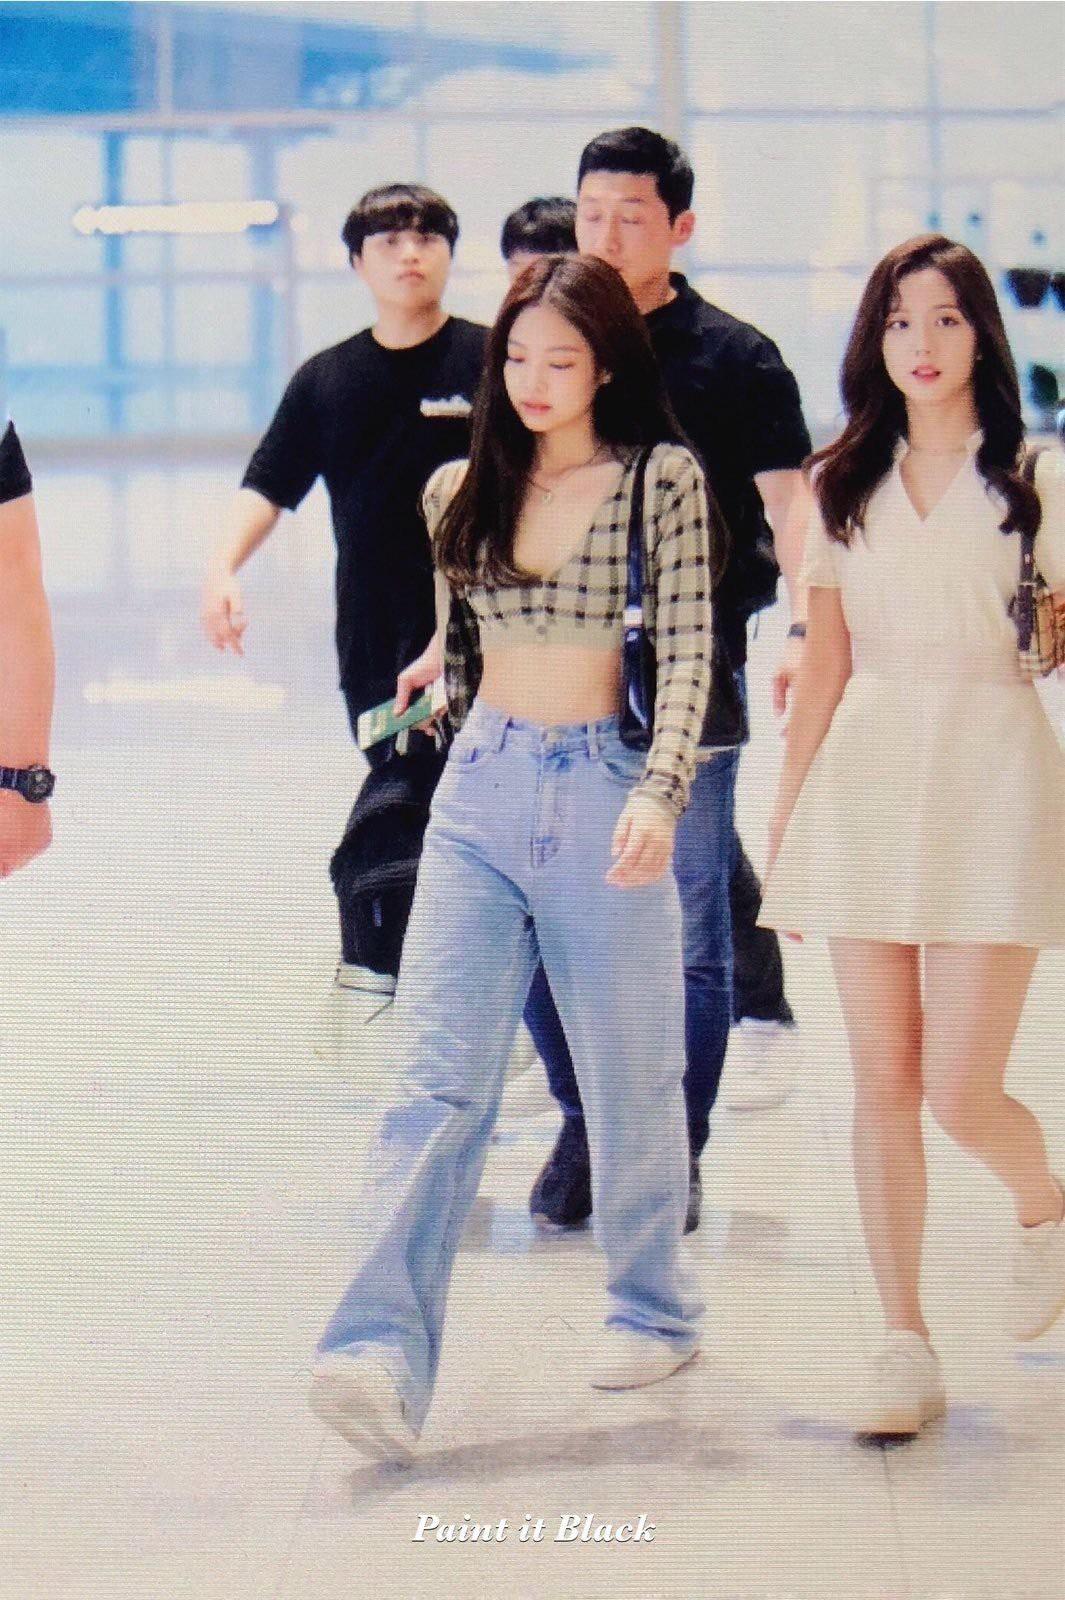 Nữ hoàng sân bay gọi tên BLACKPINK: Jennie khoe vòng 1 sexy quá trời đất, Rosé bùng nổ nhan sắc mặc ảnh chụp vội - Ảnh 1.